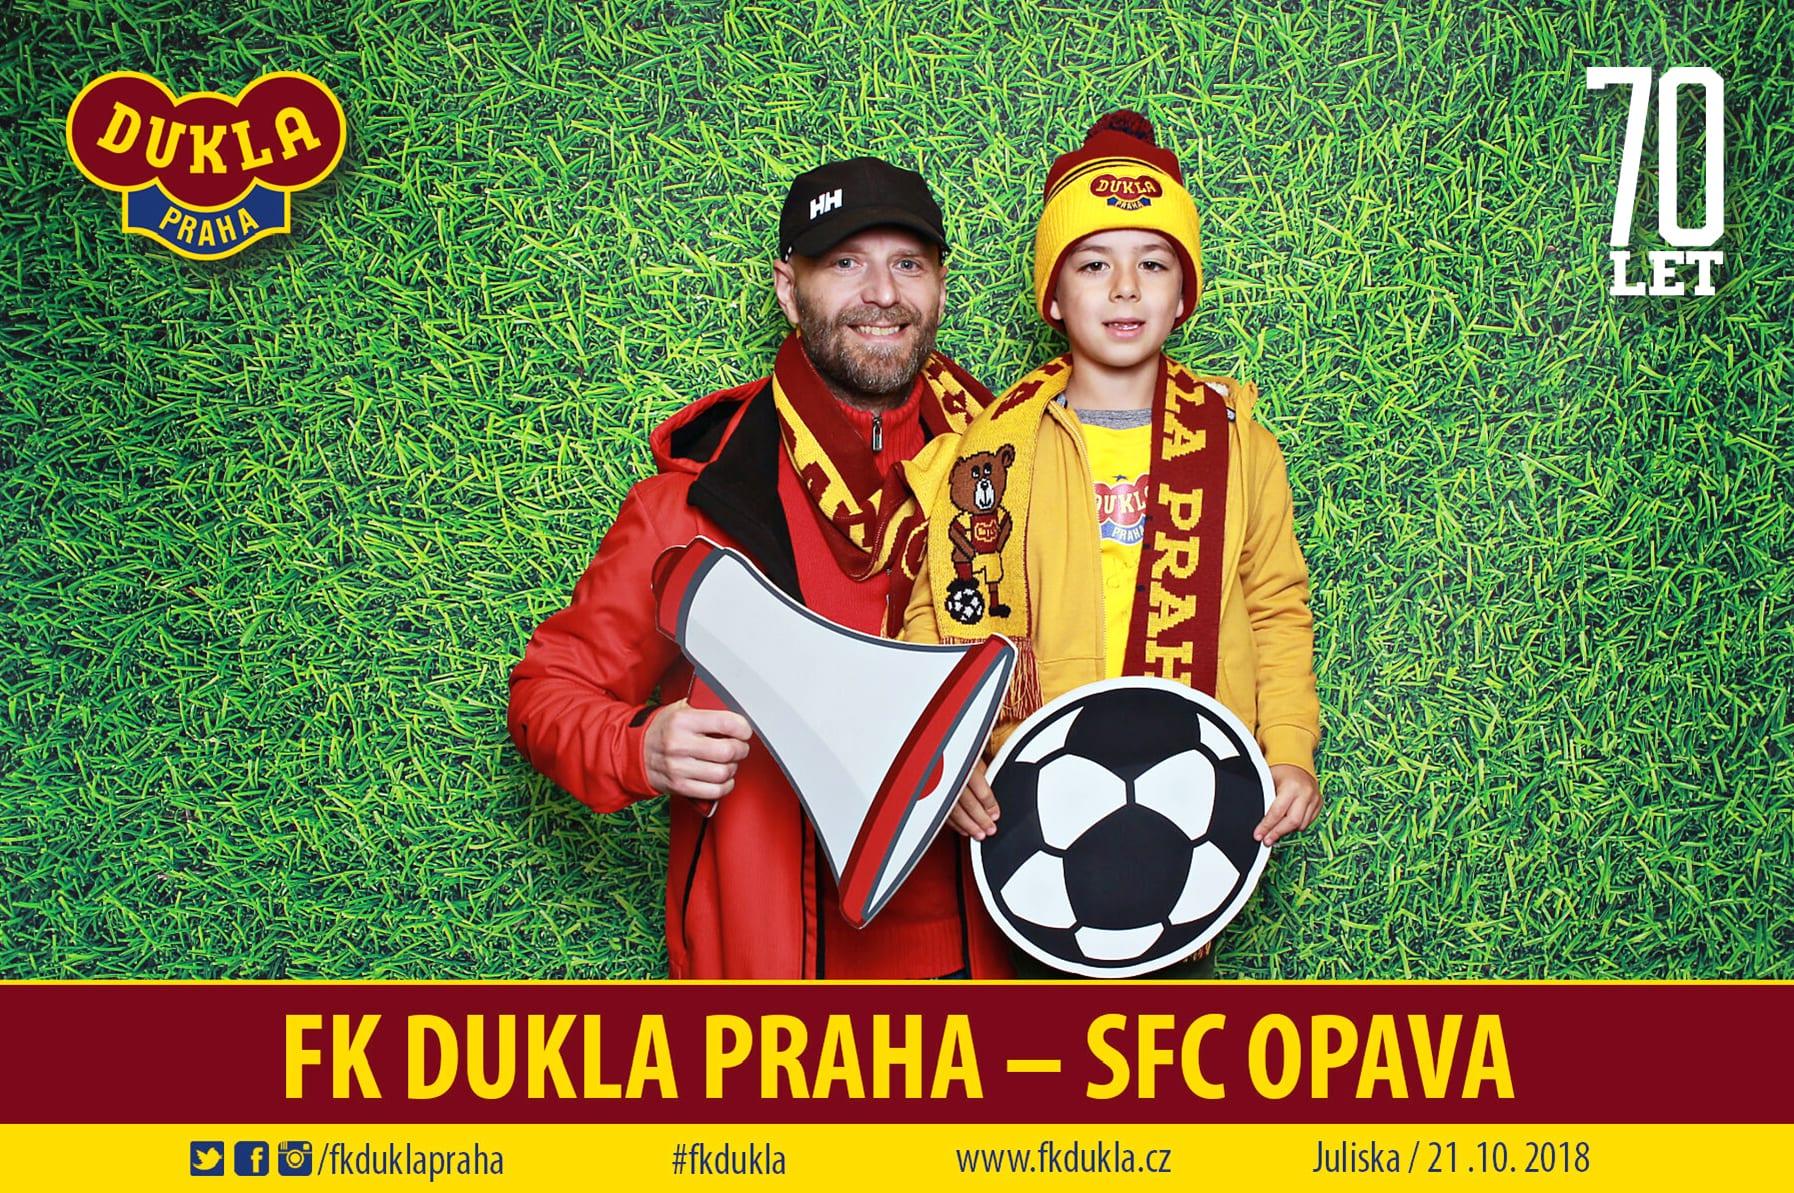 fotokoutek-fk-dukla-praha-21-10-2018-506811